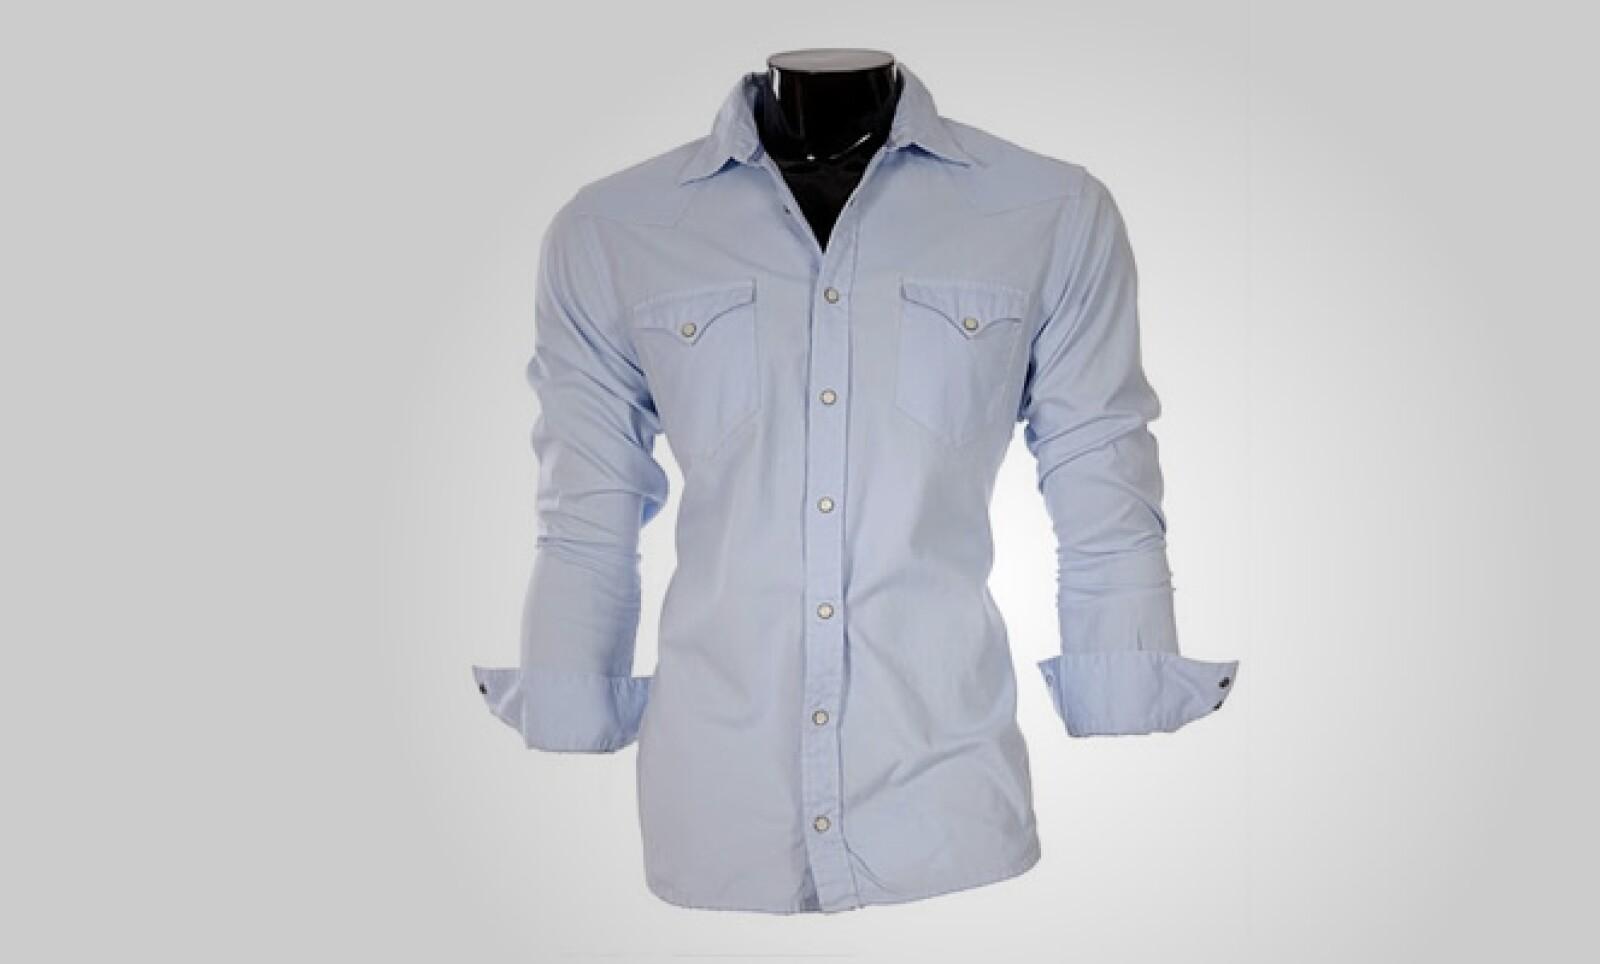 Finalmente, esta camisa para ellas, con toques distintivos al frente, con un estilo de vaquero del viejo oeste.